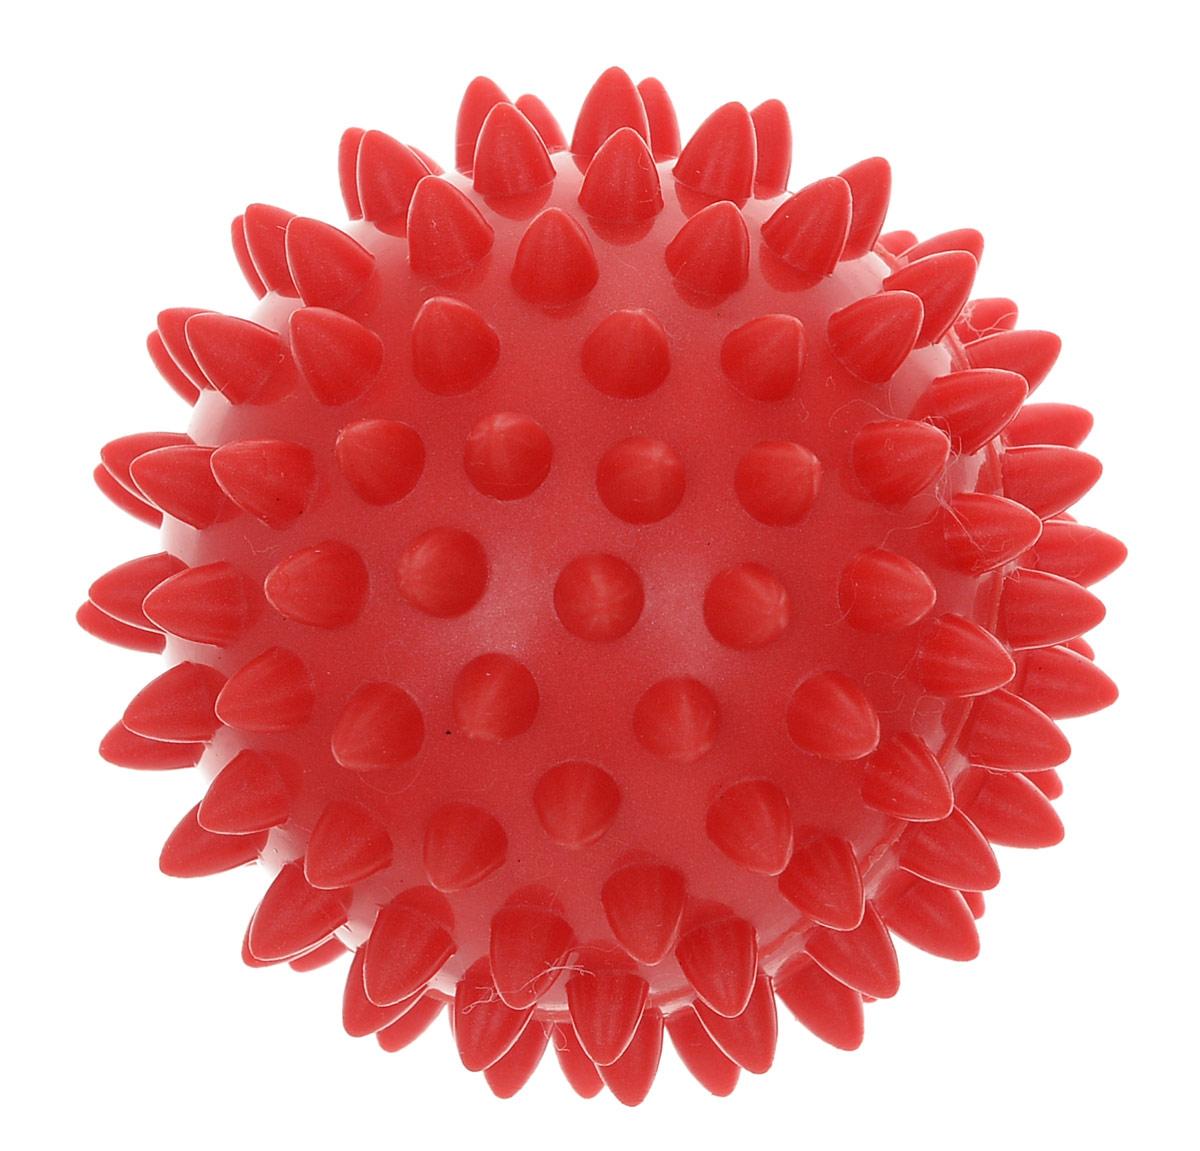 Мяч массажный AS4, цвет: красный, 7 см. SM-1MCI54145_WhiteИгольчатая поверхность благотворно воздействует на нервные окончания и способствует улучшению кровообращения. Идеален для массажа и самомассажа детей и взрослых, для профилактики целлюлита. Подходит для занятий фитнесом и йогой.Характеристики: Диаметр мяча: 7 см. Цвет: красный. Материал: ПВХ. Производитель: Китай. Артикул: SM-1.